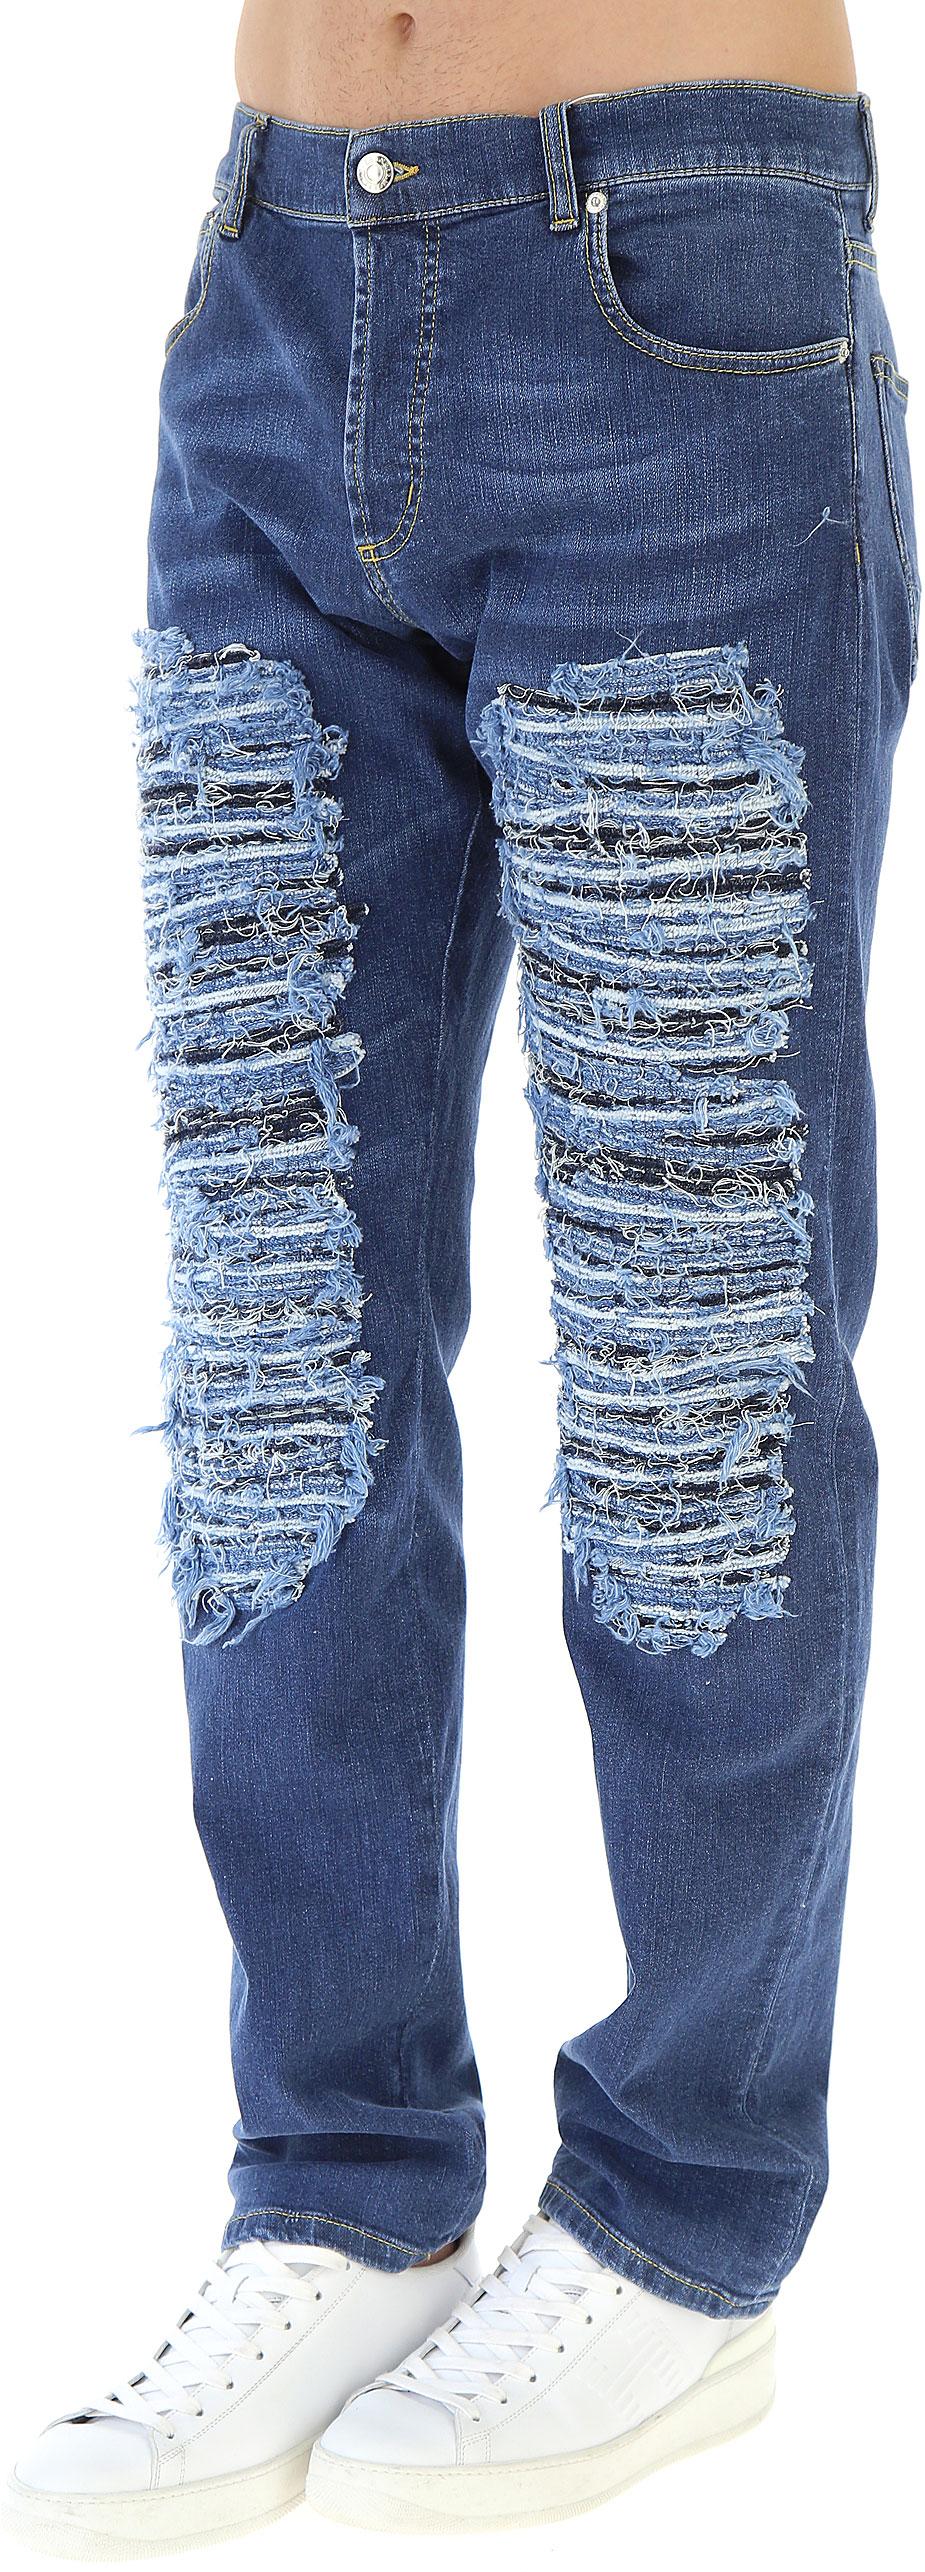 Abbigliamento Uomo Alexander McQueen, Codice Articolo: 505407-qky68-4001